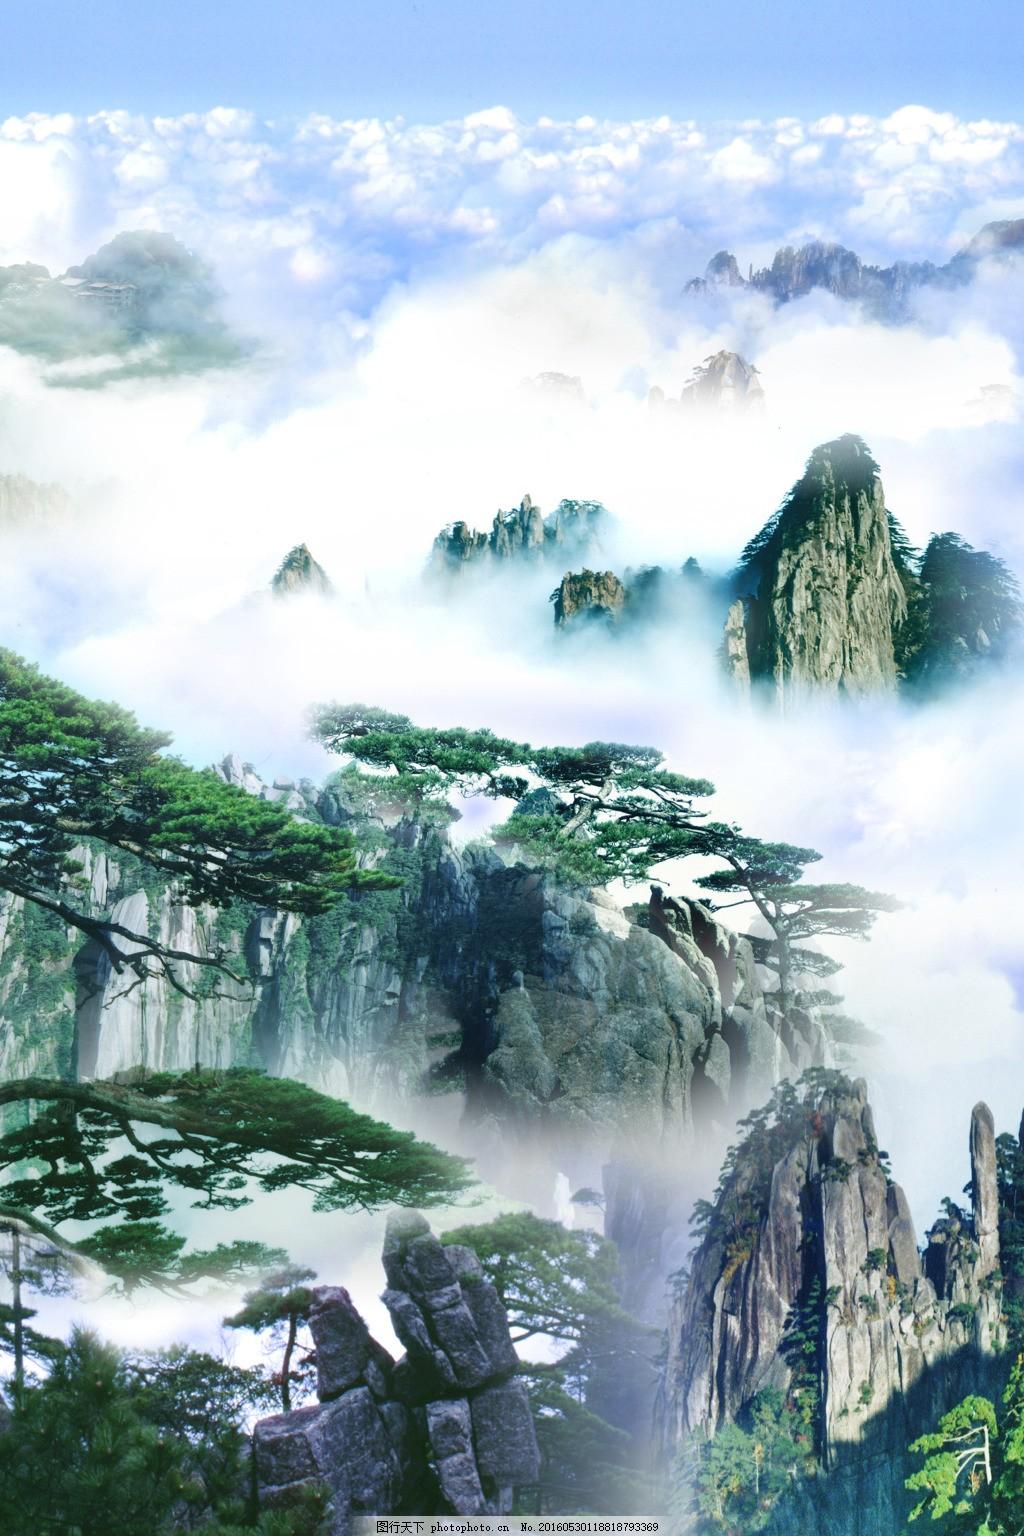 迎客松免费下载 背景墙 黄山迎客松 山水 山水风景 矢量素材 松树